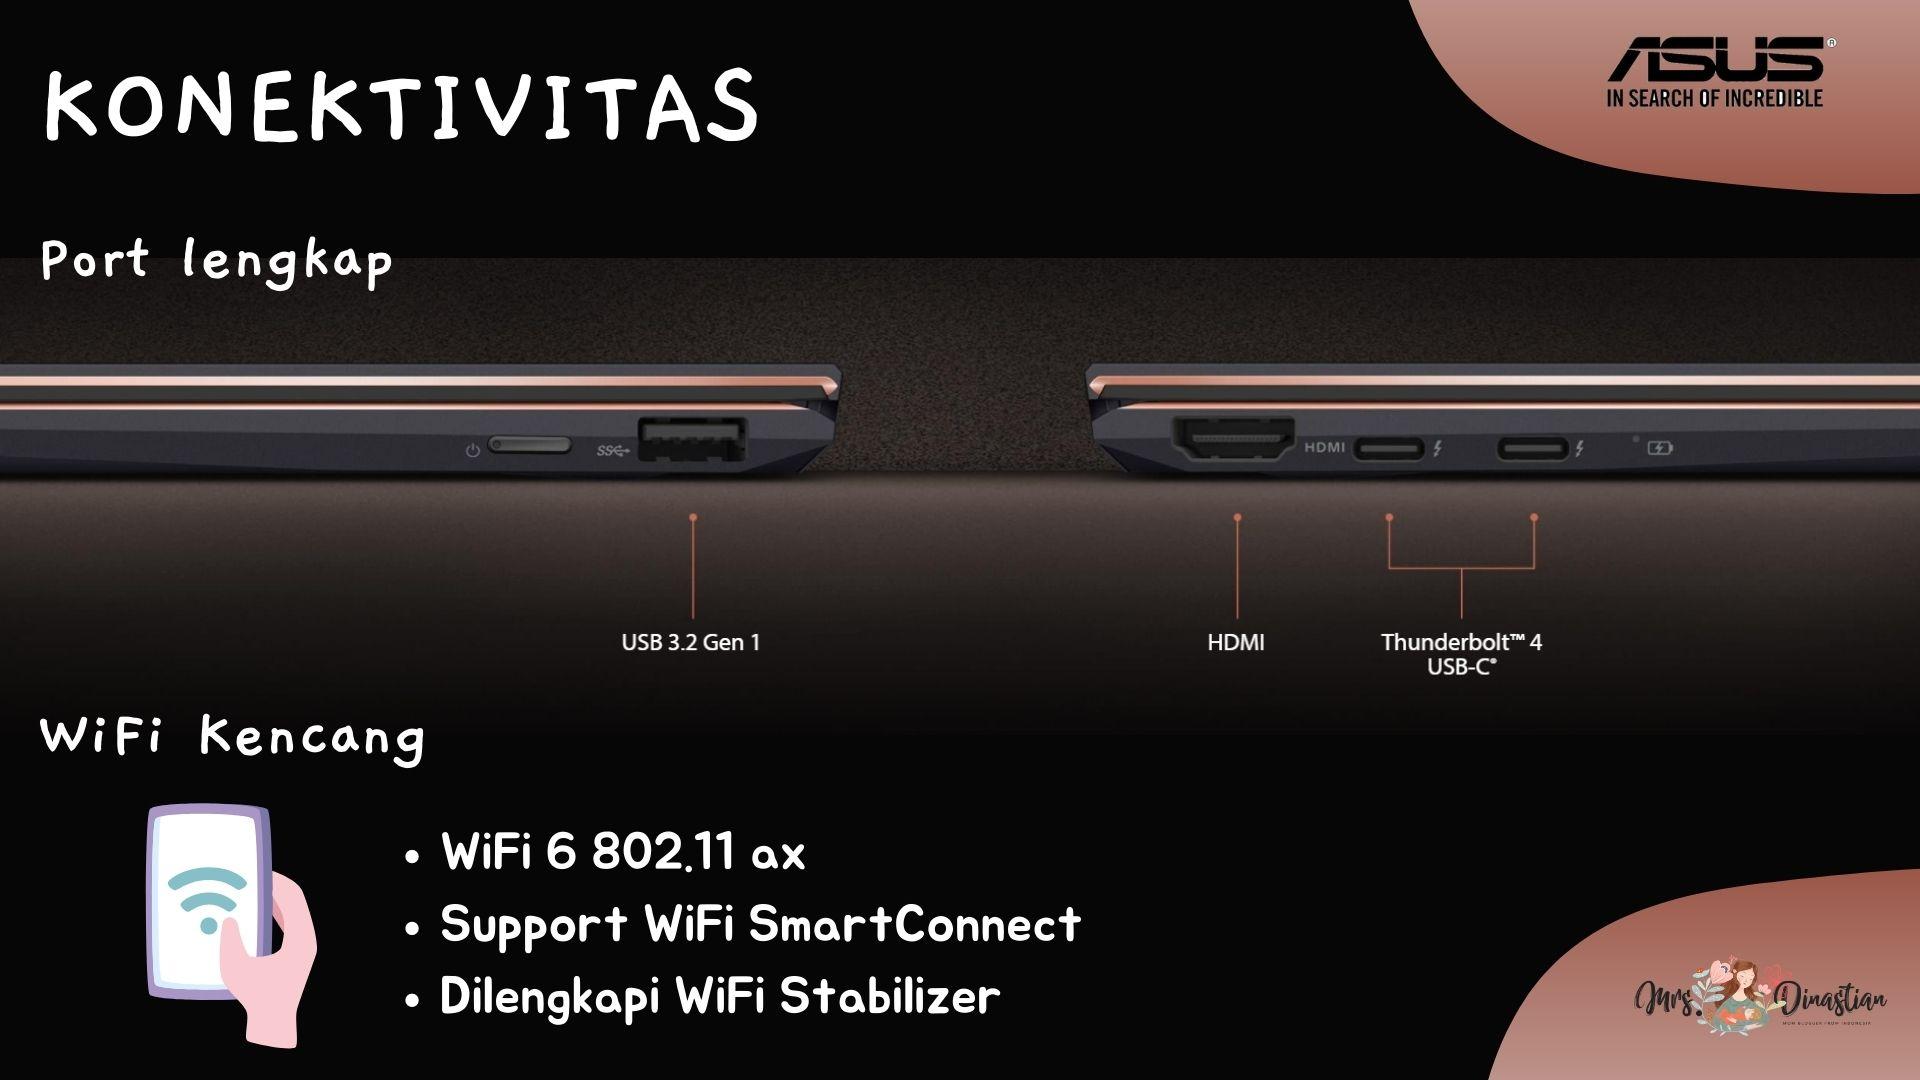 Konektivitas ASUS Zenbook Flip S UX371